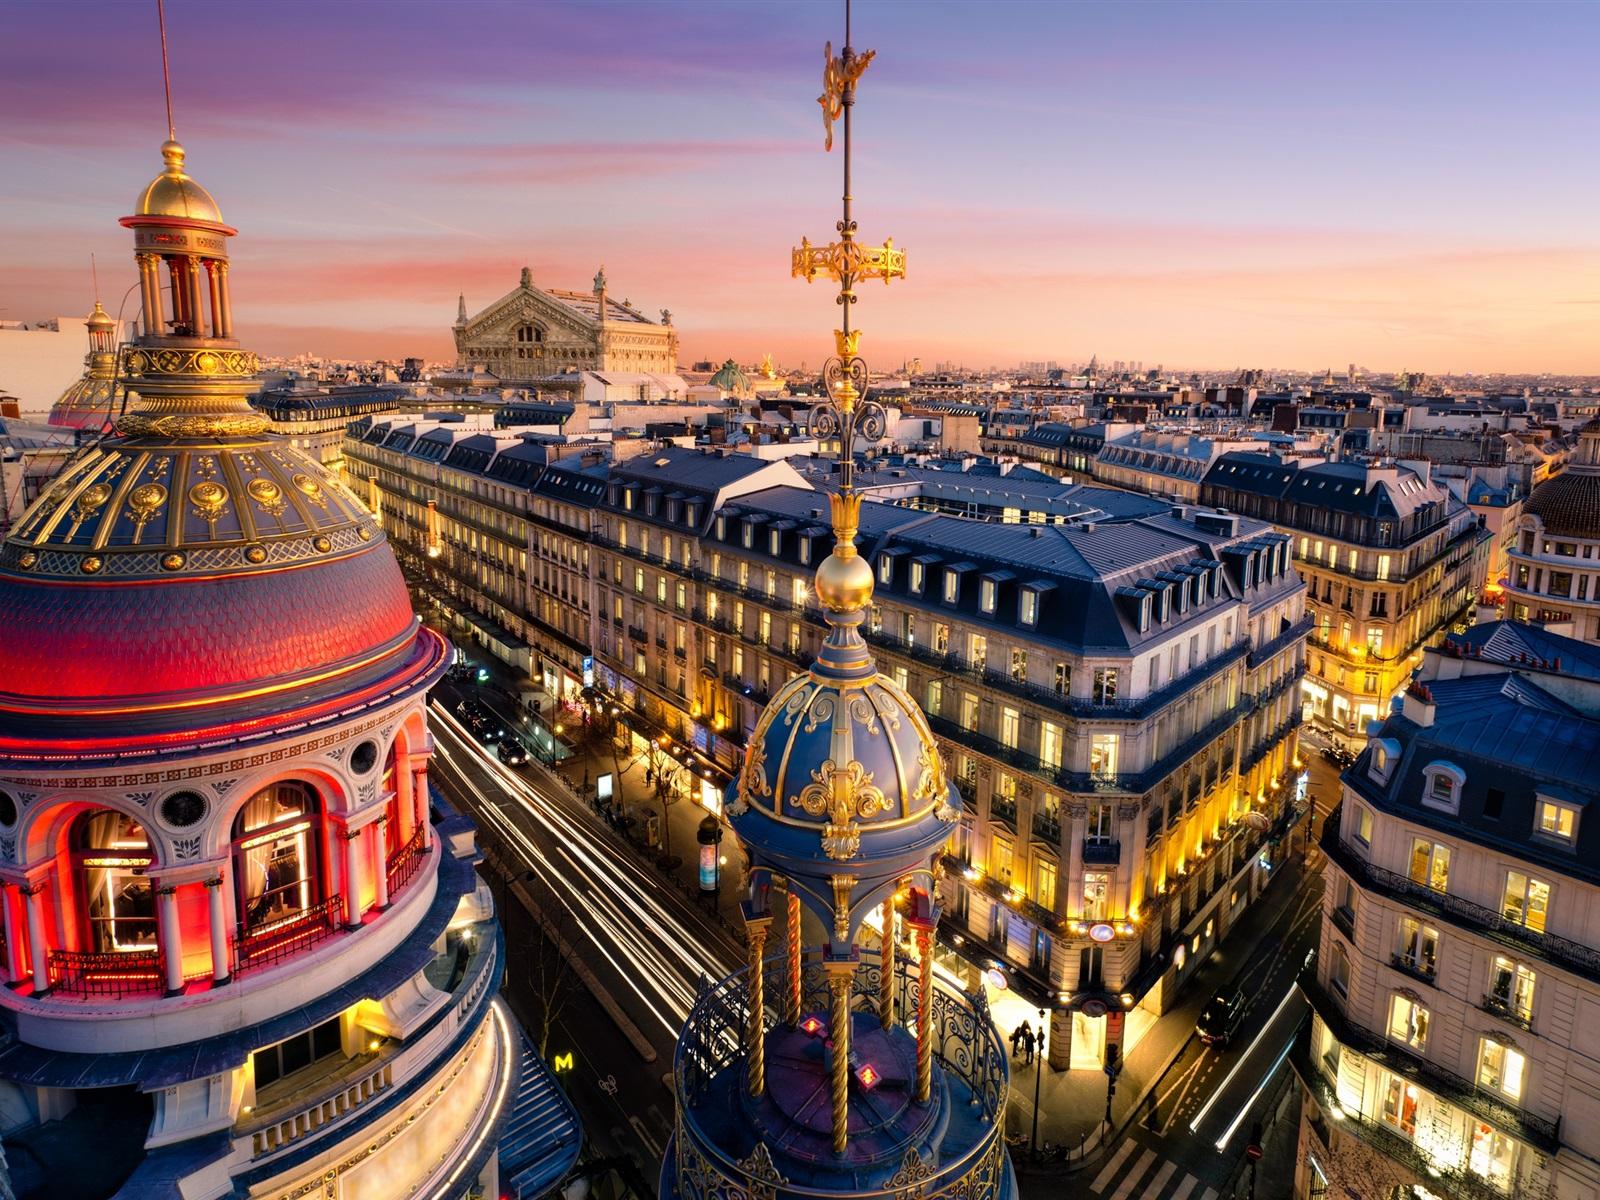 Paris frankreich der grand opera gebäude stadt lichter nacht